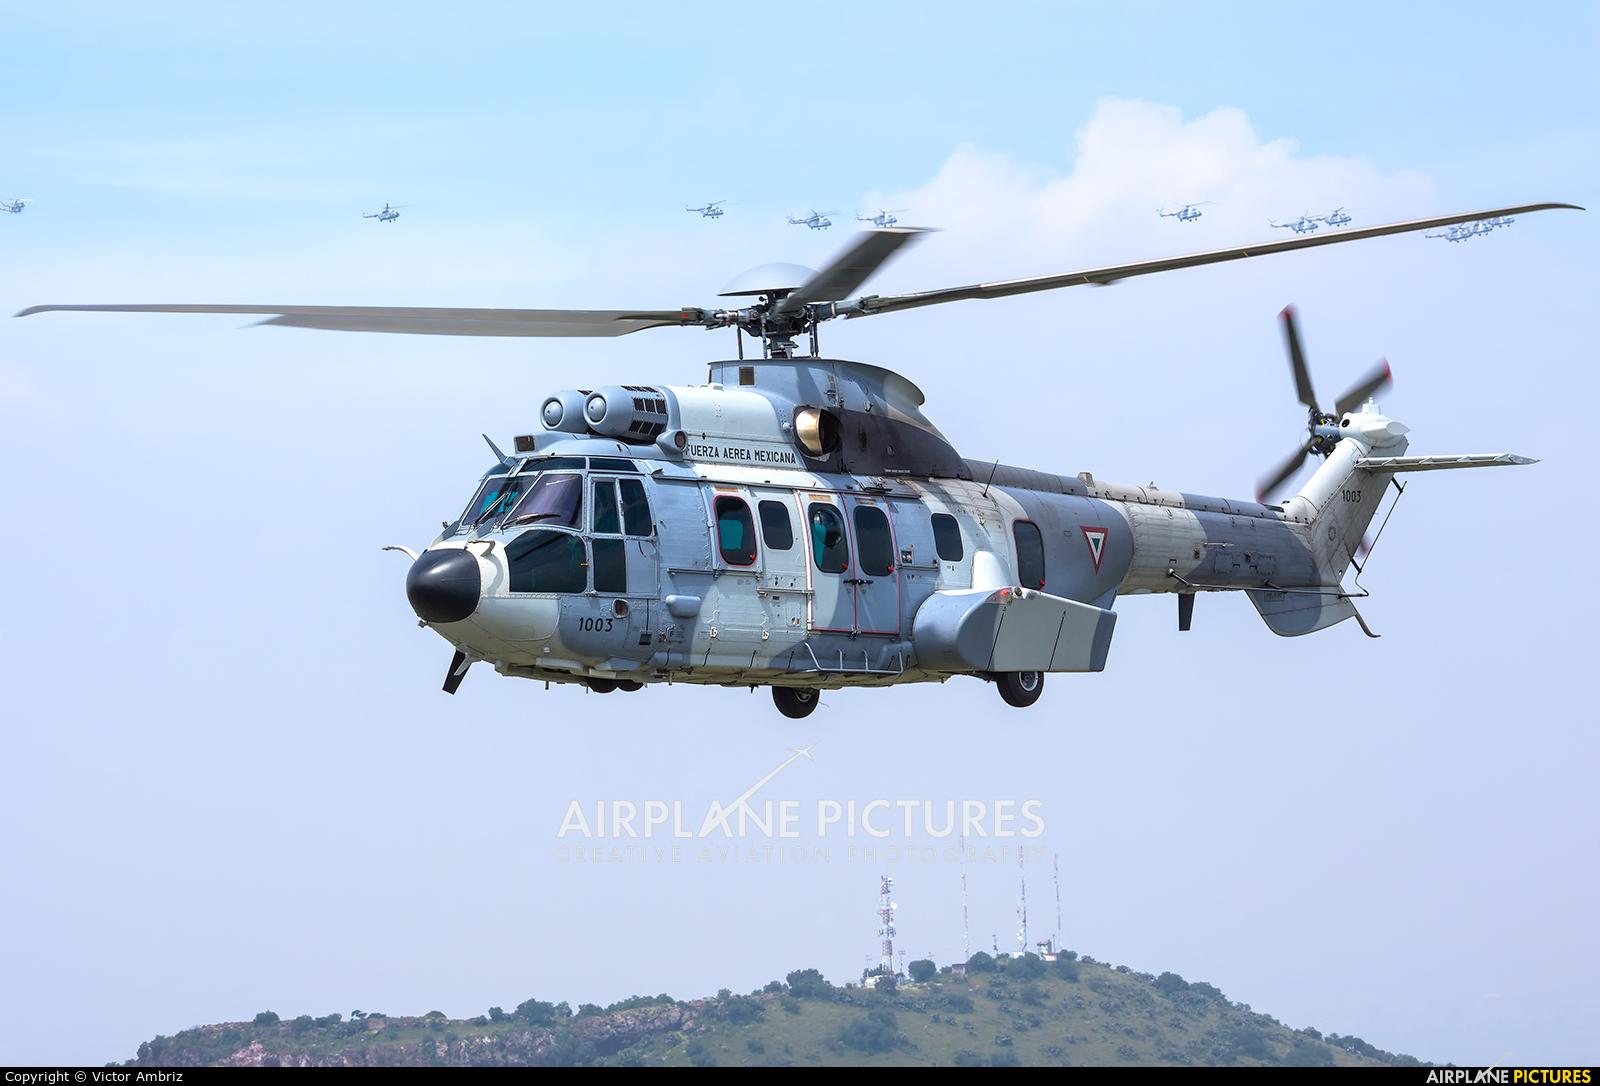 Mexico - Air Force 1003 aircraft at Santa Lucia AB